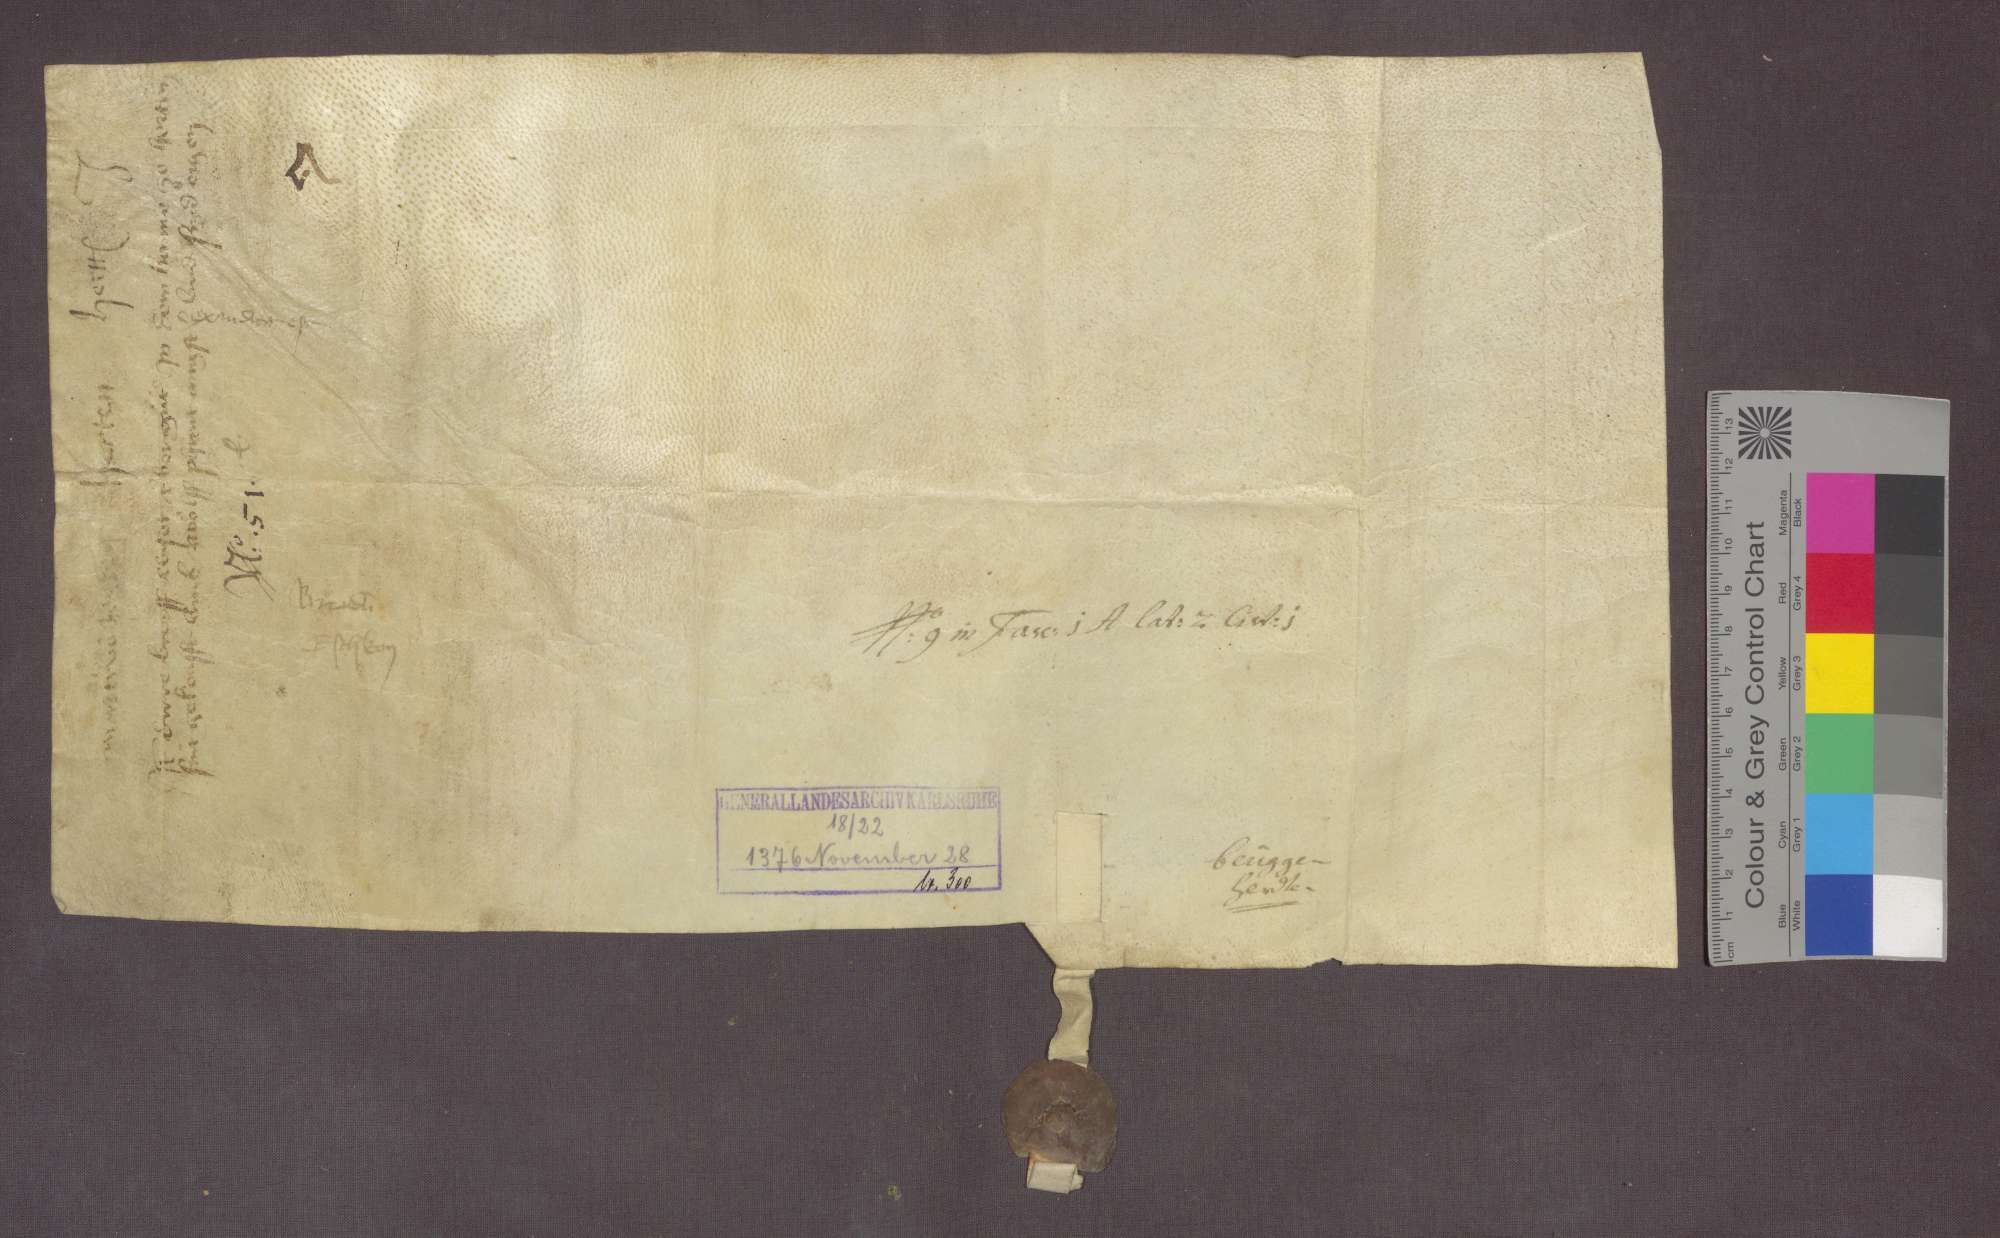 Elisabeth von Eschlikon, Witwe Burkhard von Eschlikons, verkauft an Heinrich Brendli zu Rheinfelden 1 1/2 Mannwerk Matten und ein Stück Reben zu Herten um 12 Pfund Pfennige., Bild 2